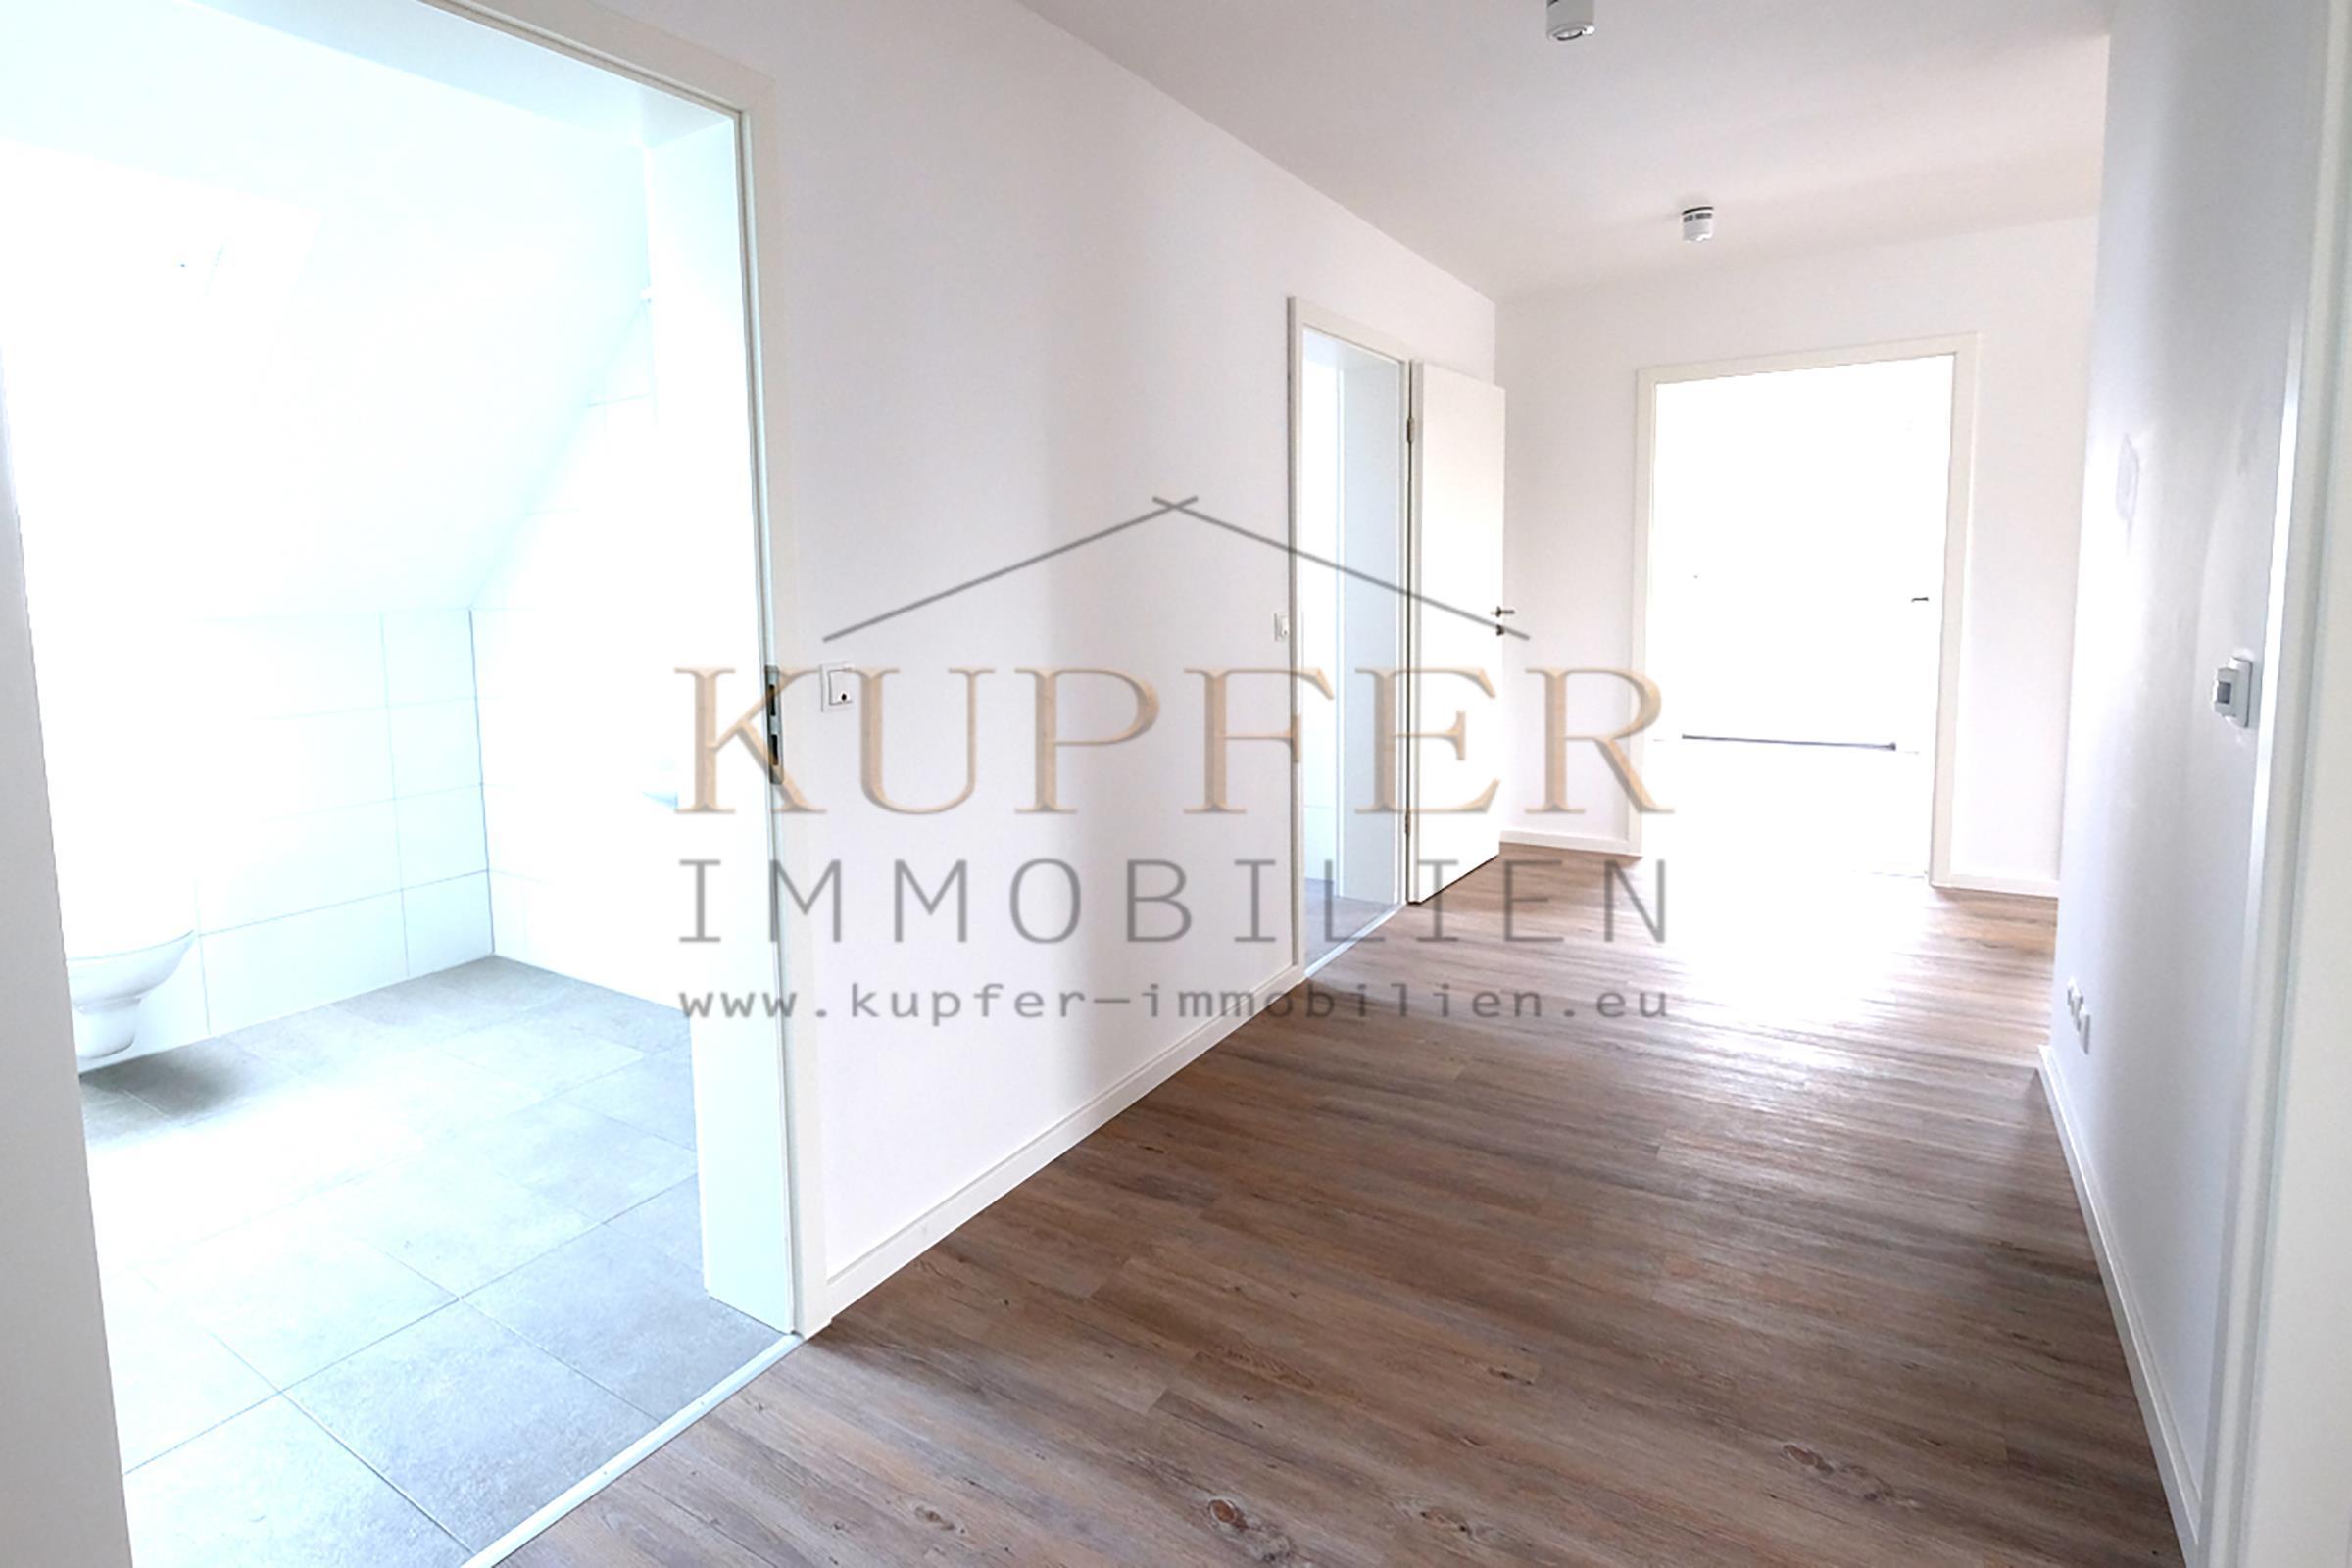 © 2018 KUPFER IMMOBILIEN